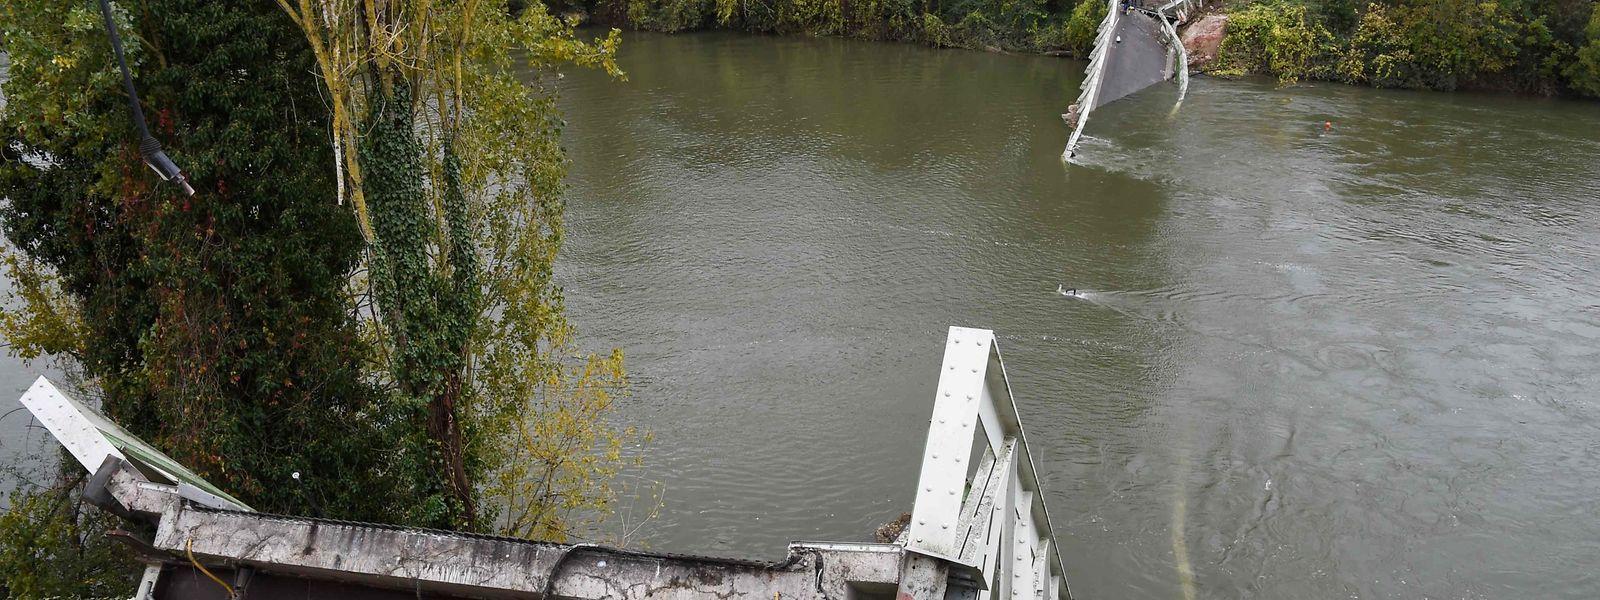 Die Überreste der eingestürzten Brücke über den Tarn.